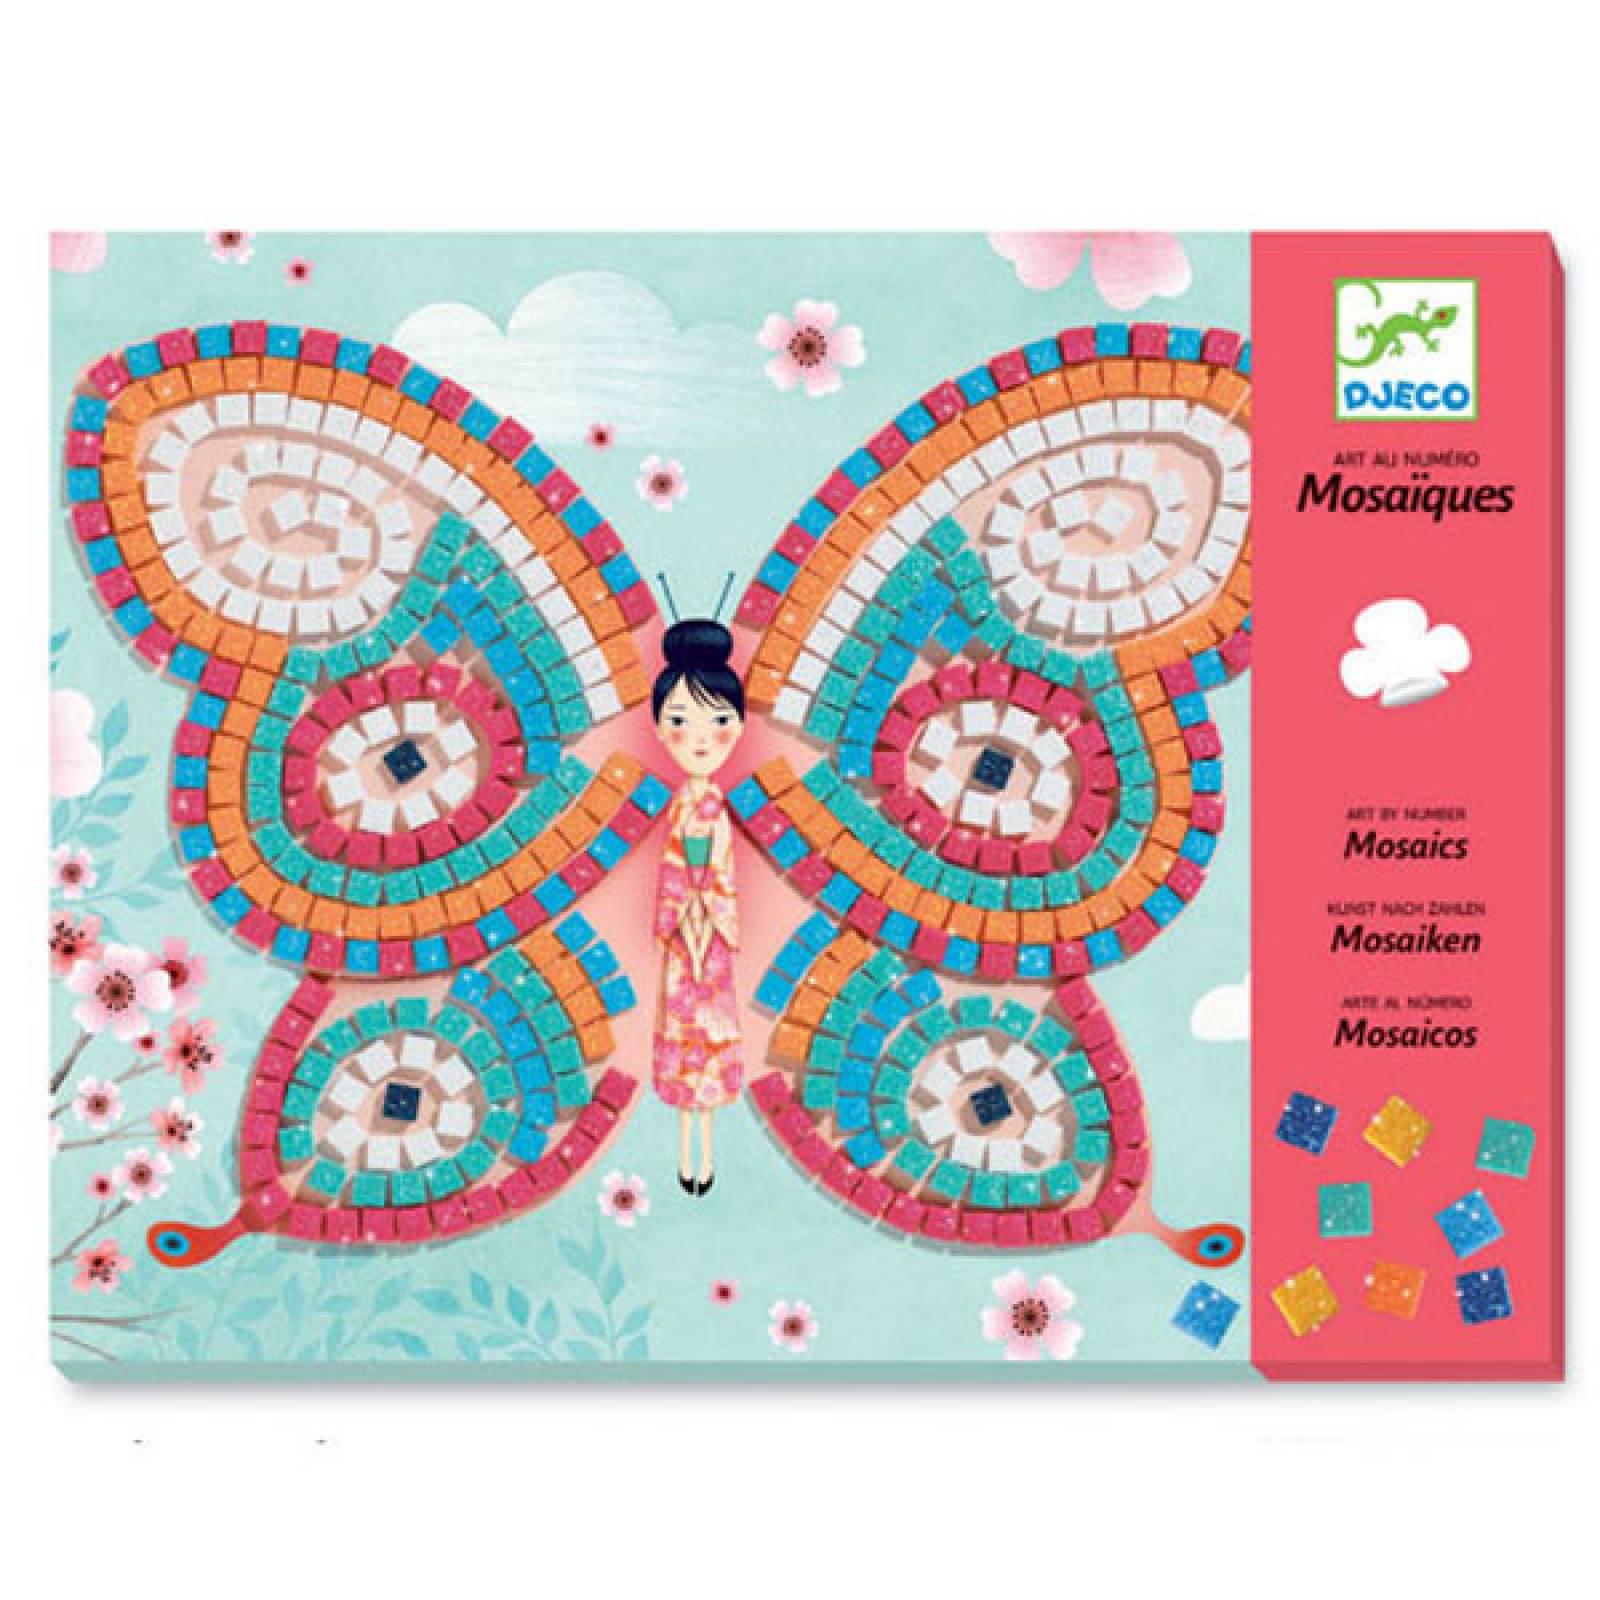 Butterflies - Mosaic Art Set By Djeco